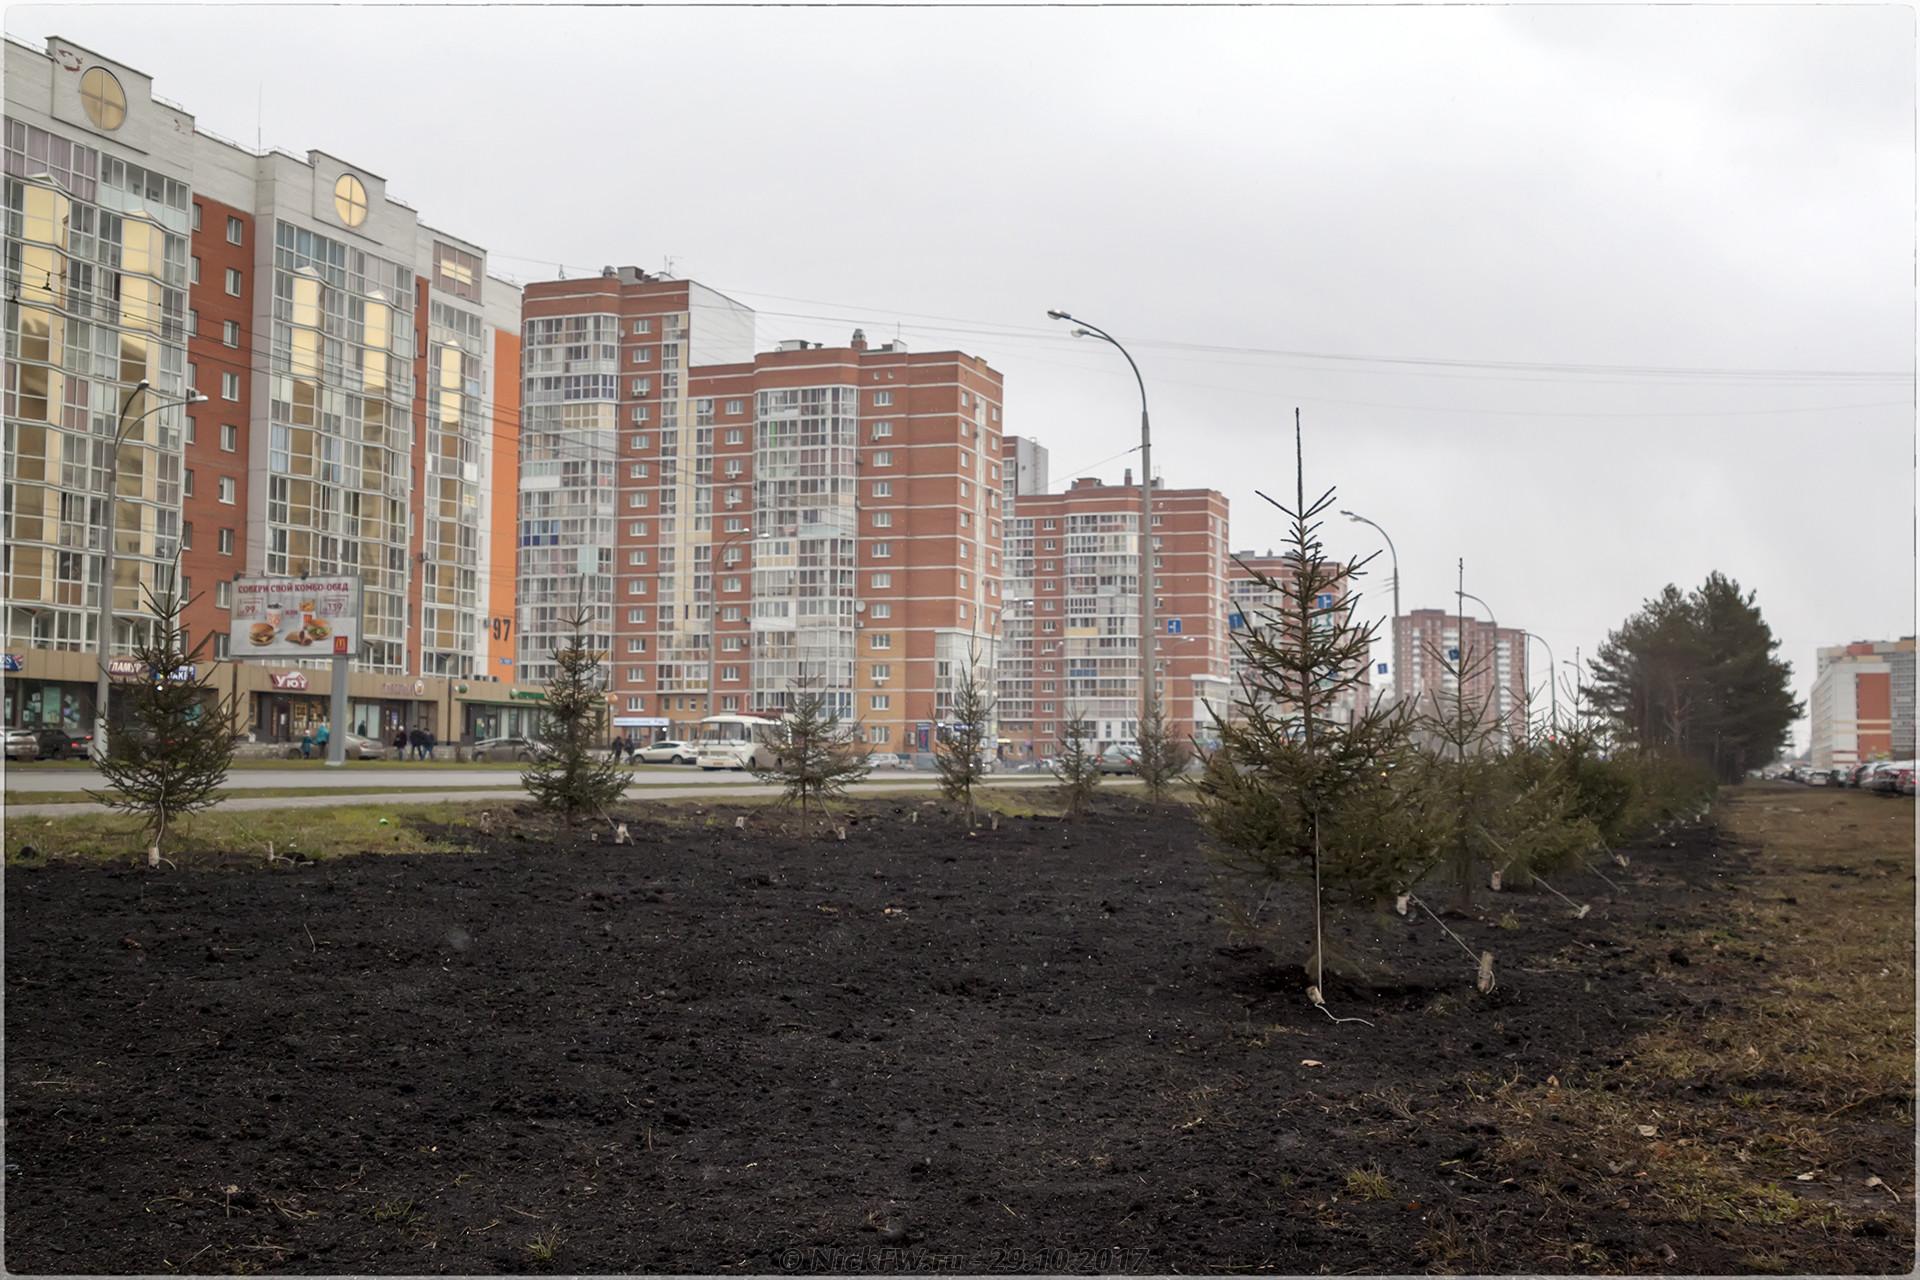 Ели на Шахтеров [© NickFW - 29.10.2017]